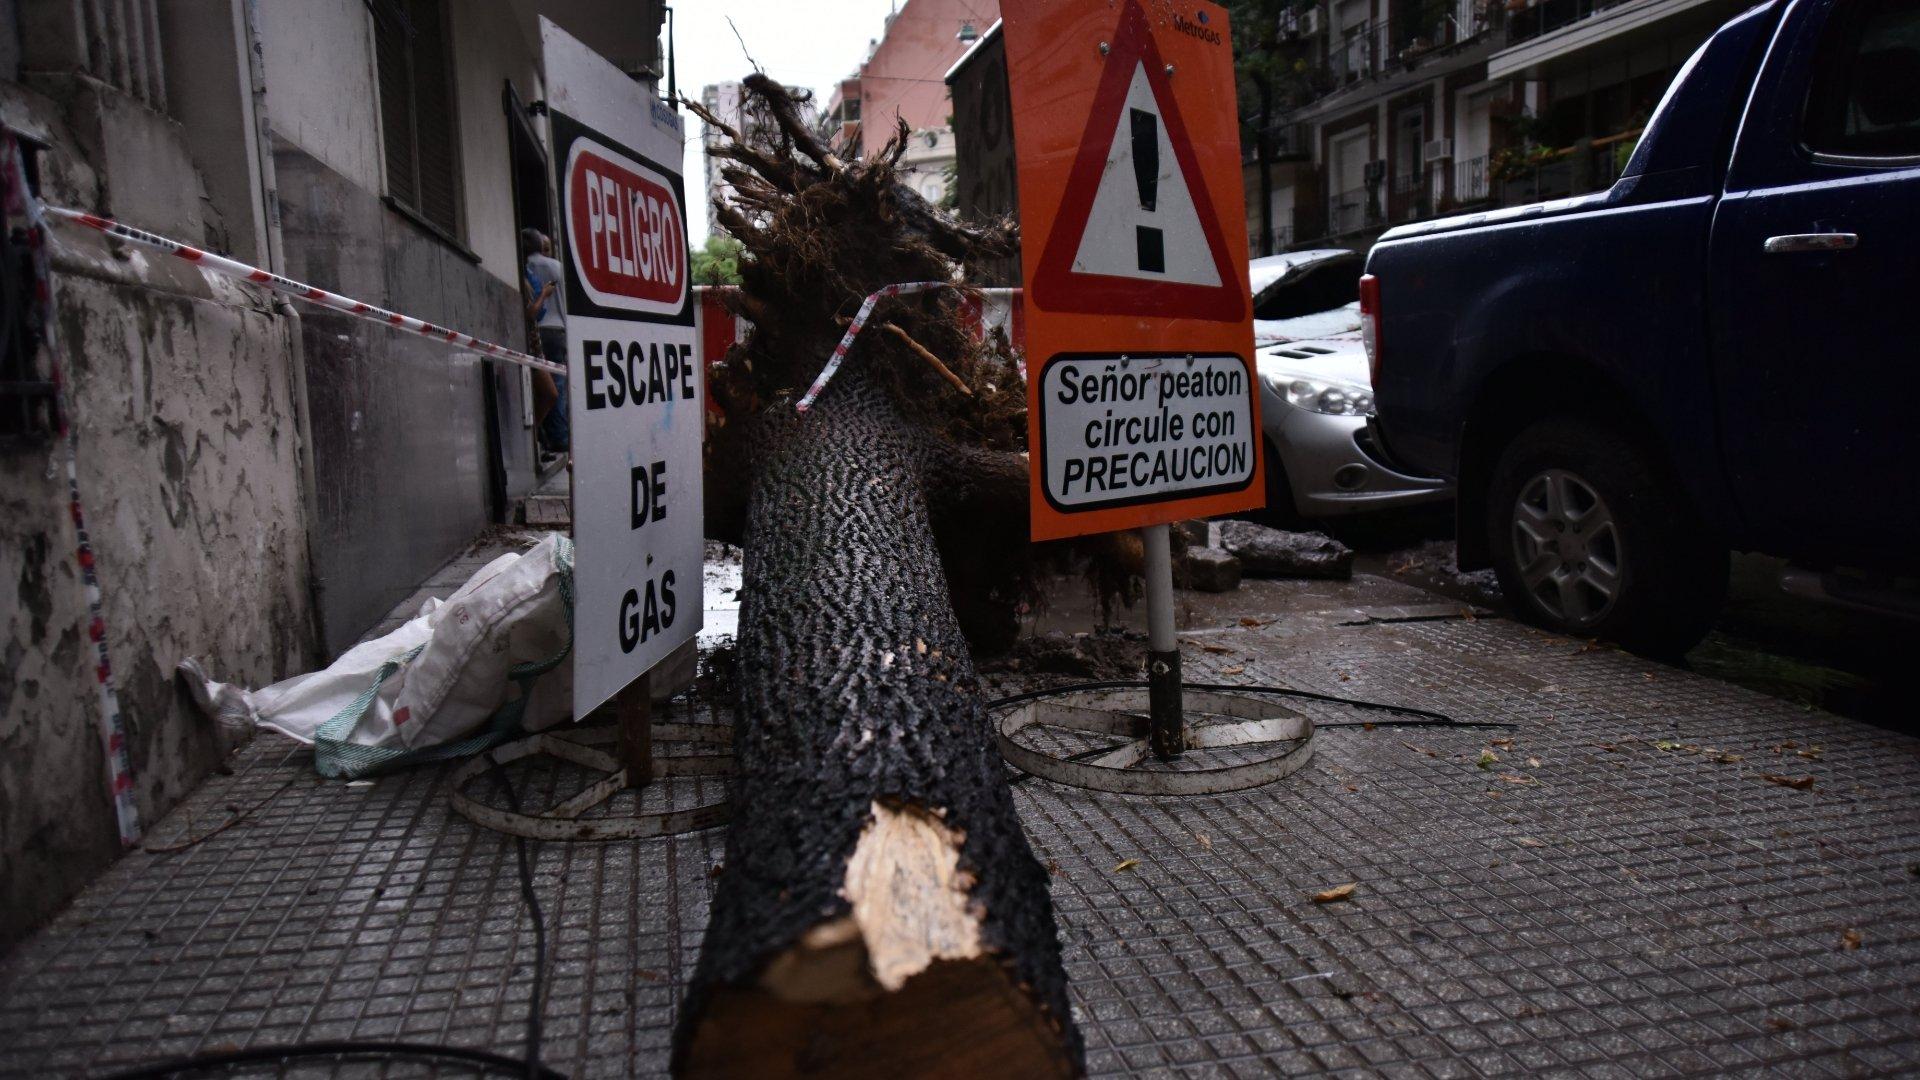 Escape de gas en Palermo tras la caída de un árbol